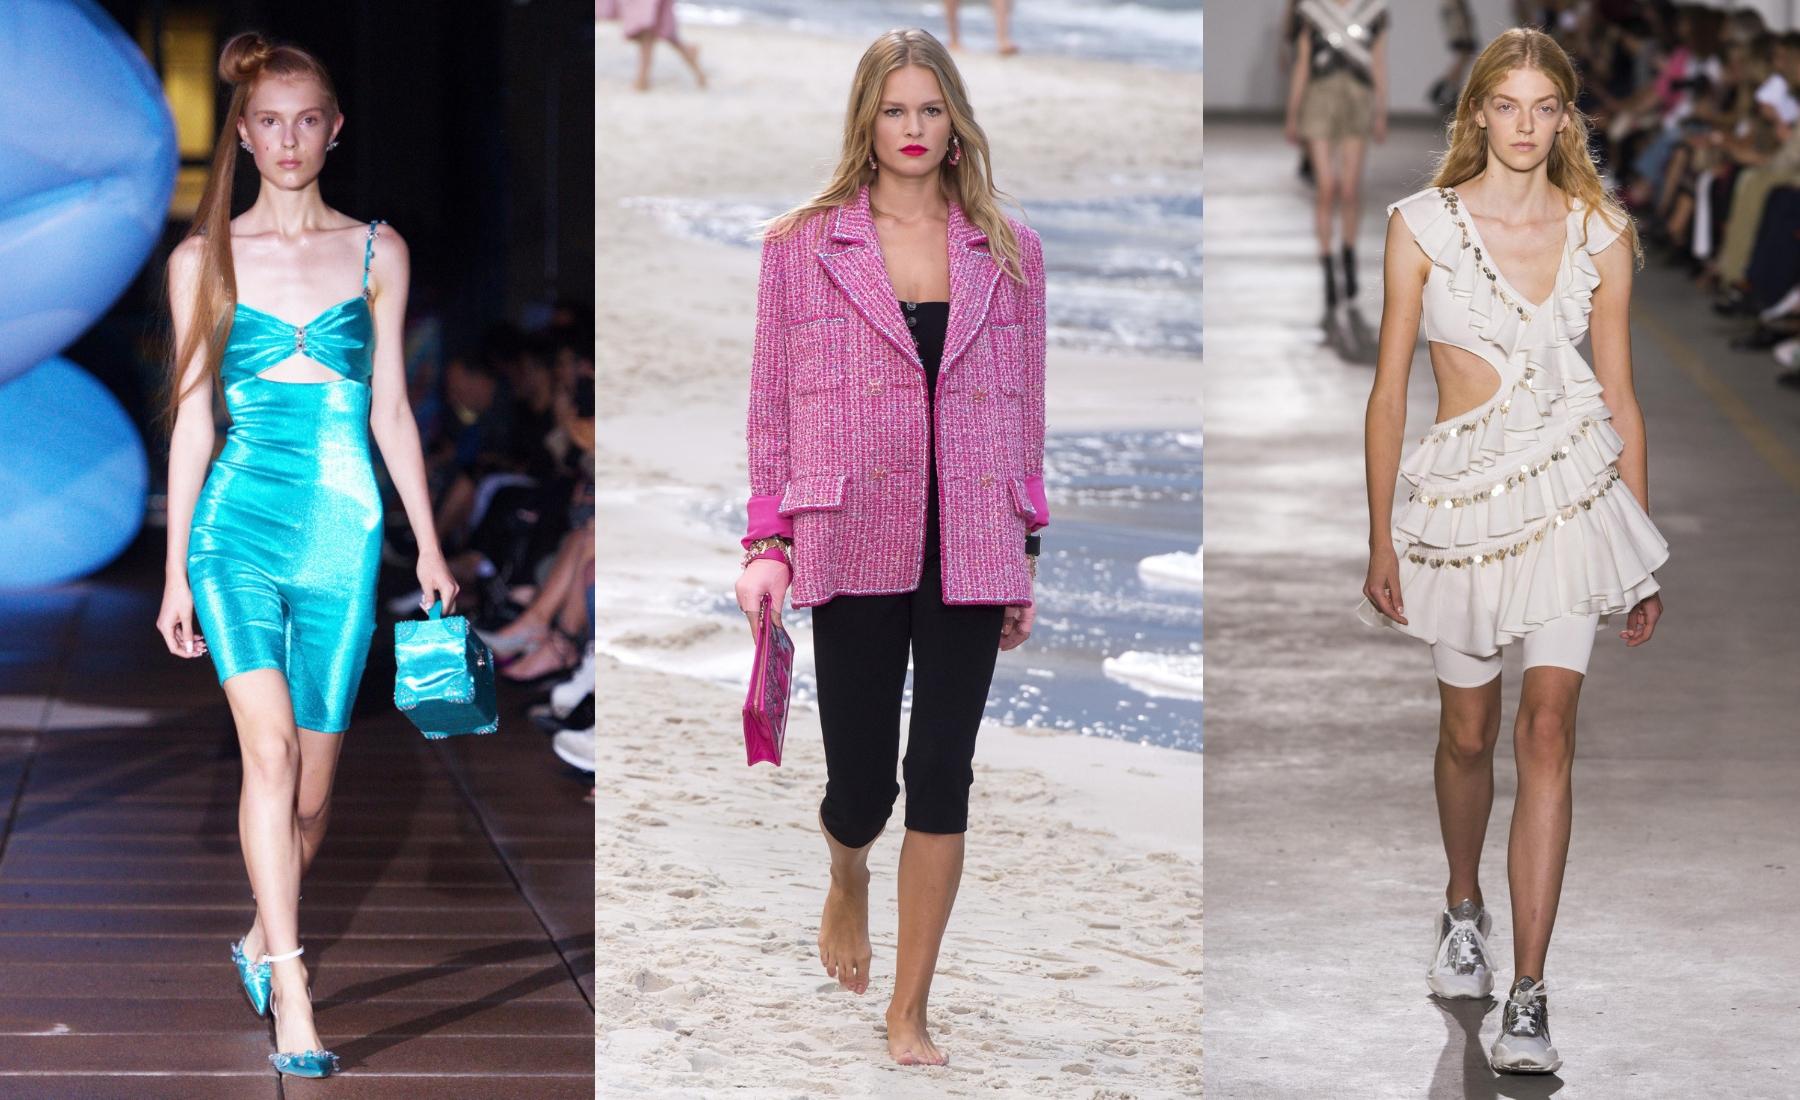 xu hướng thời trang lên ngôi tại Tuần lễ Thời trang Xuân – Hè 2019 69